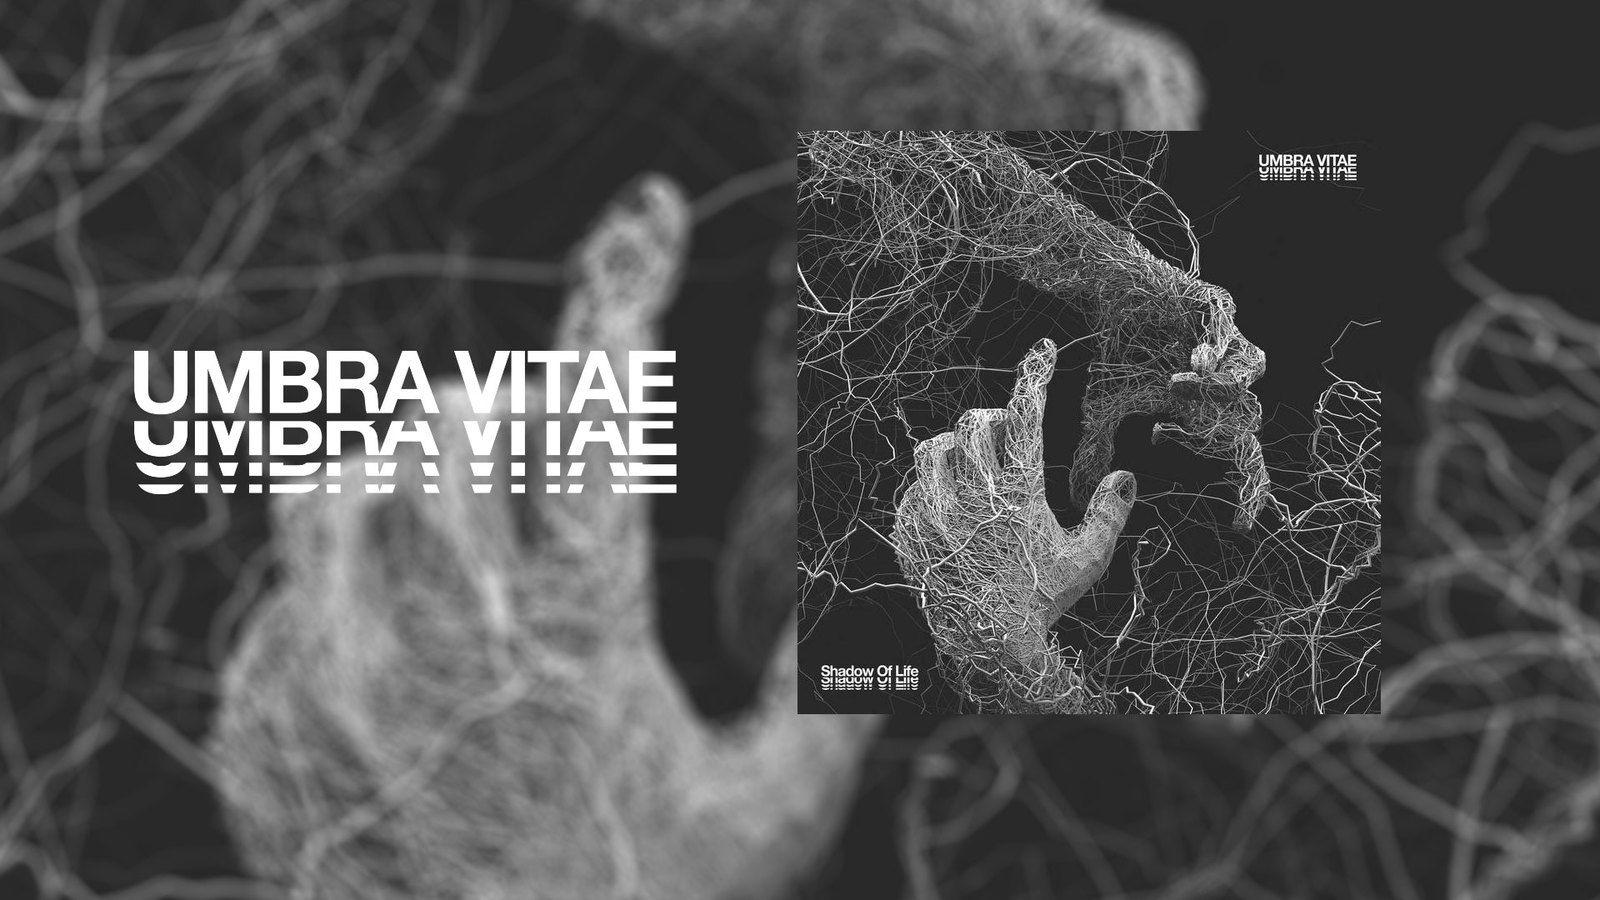 """A découvrir !! UMBRA VITAE : Leur 1er album """"Shadow Of life"""" est un coup de maître"""